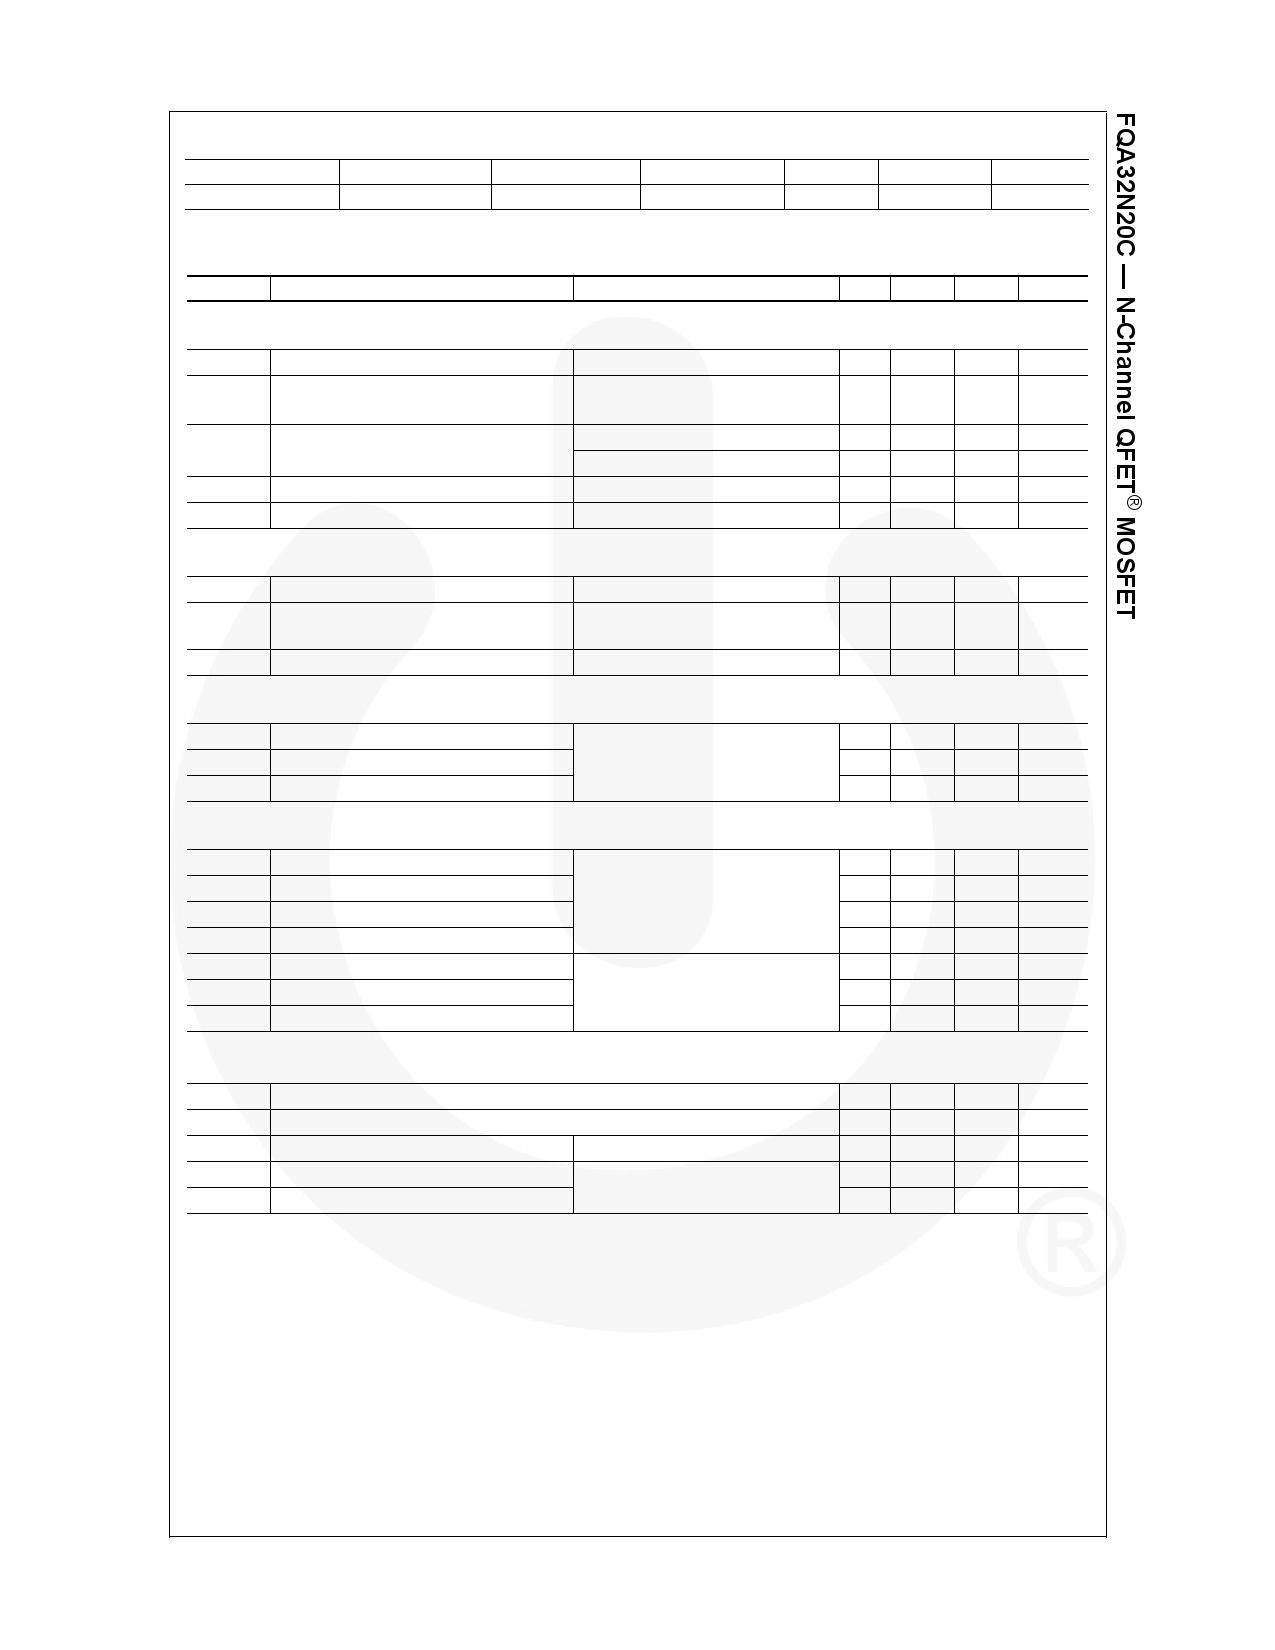 FQA32N20C pdf, equivalent, schematic